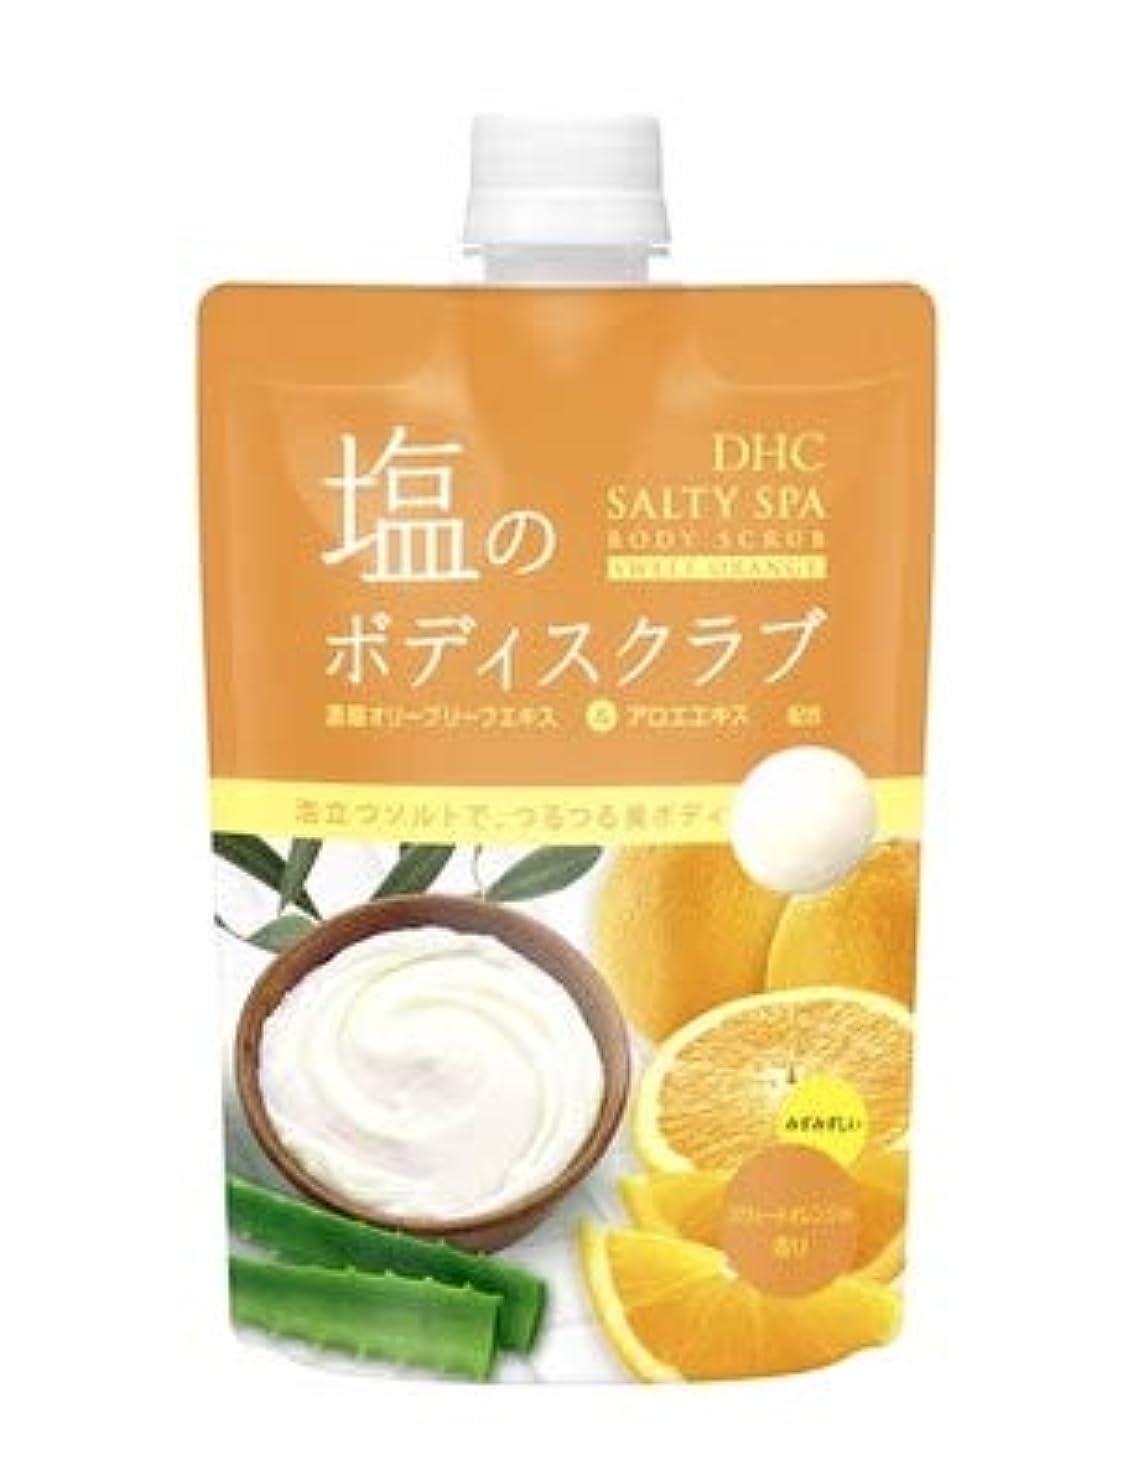 認証区別予知DHC 香るボディスクラブ S (ボディ用スクラブ洗浄料) 455g スウィートオレンジの香り